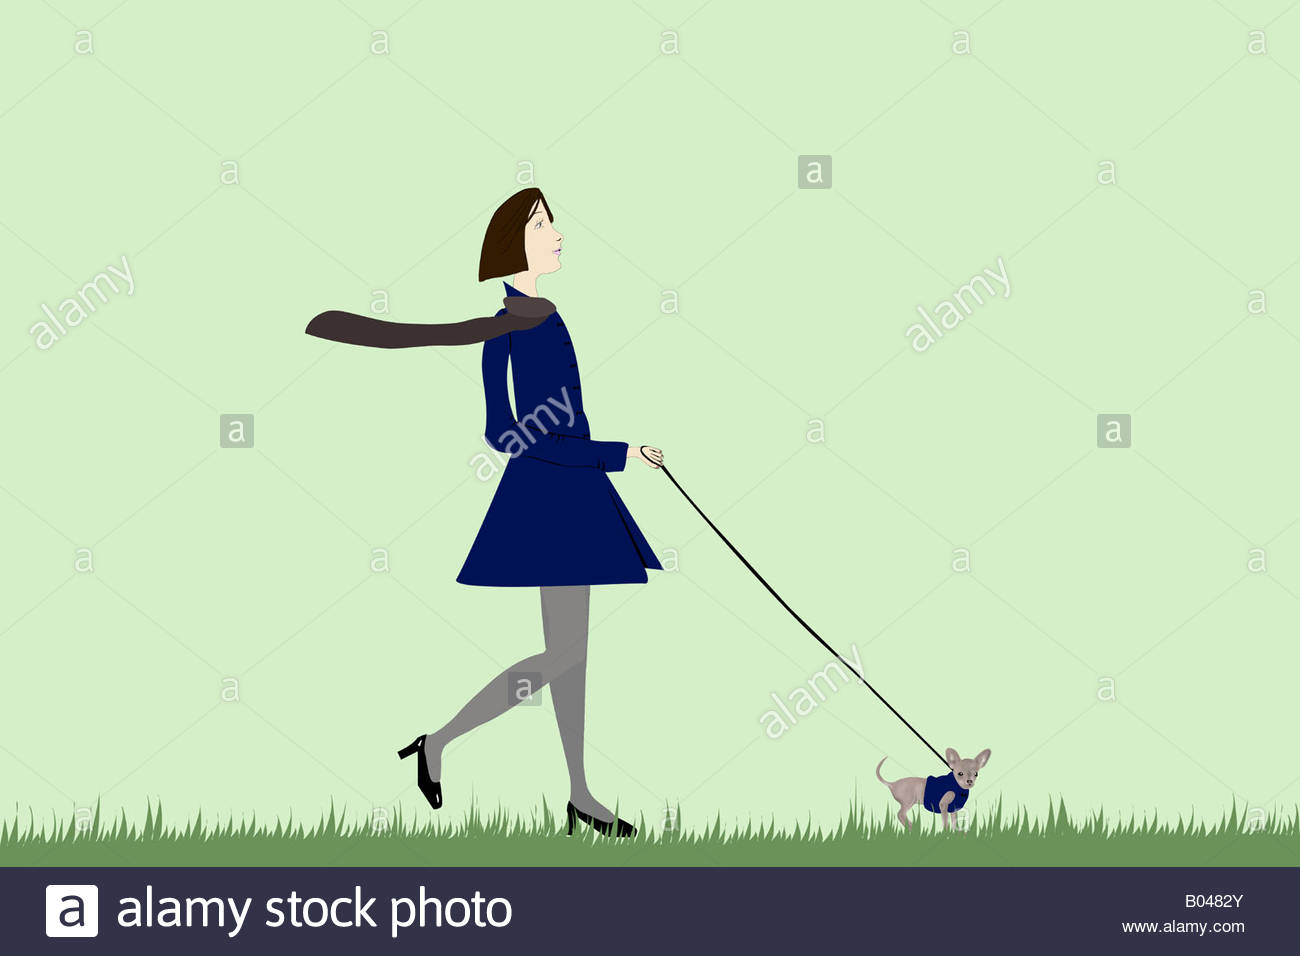 Illustrazione di una donna a piedi un cane Immagini Stock